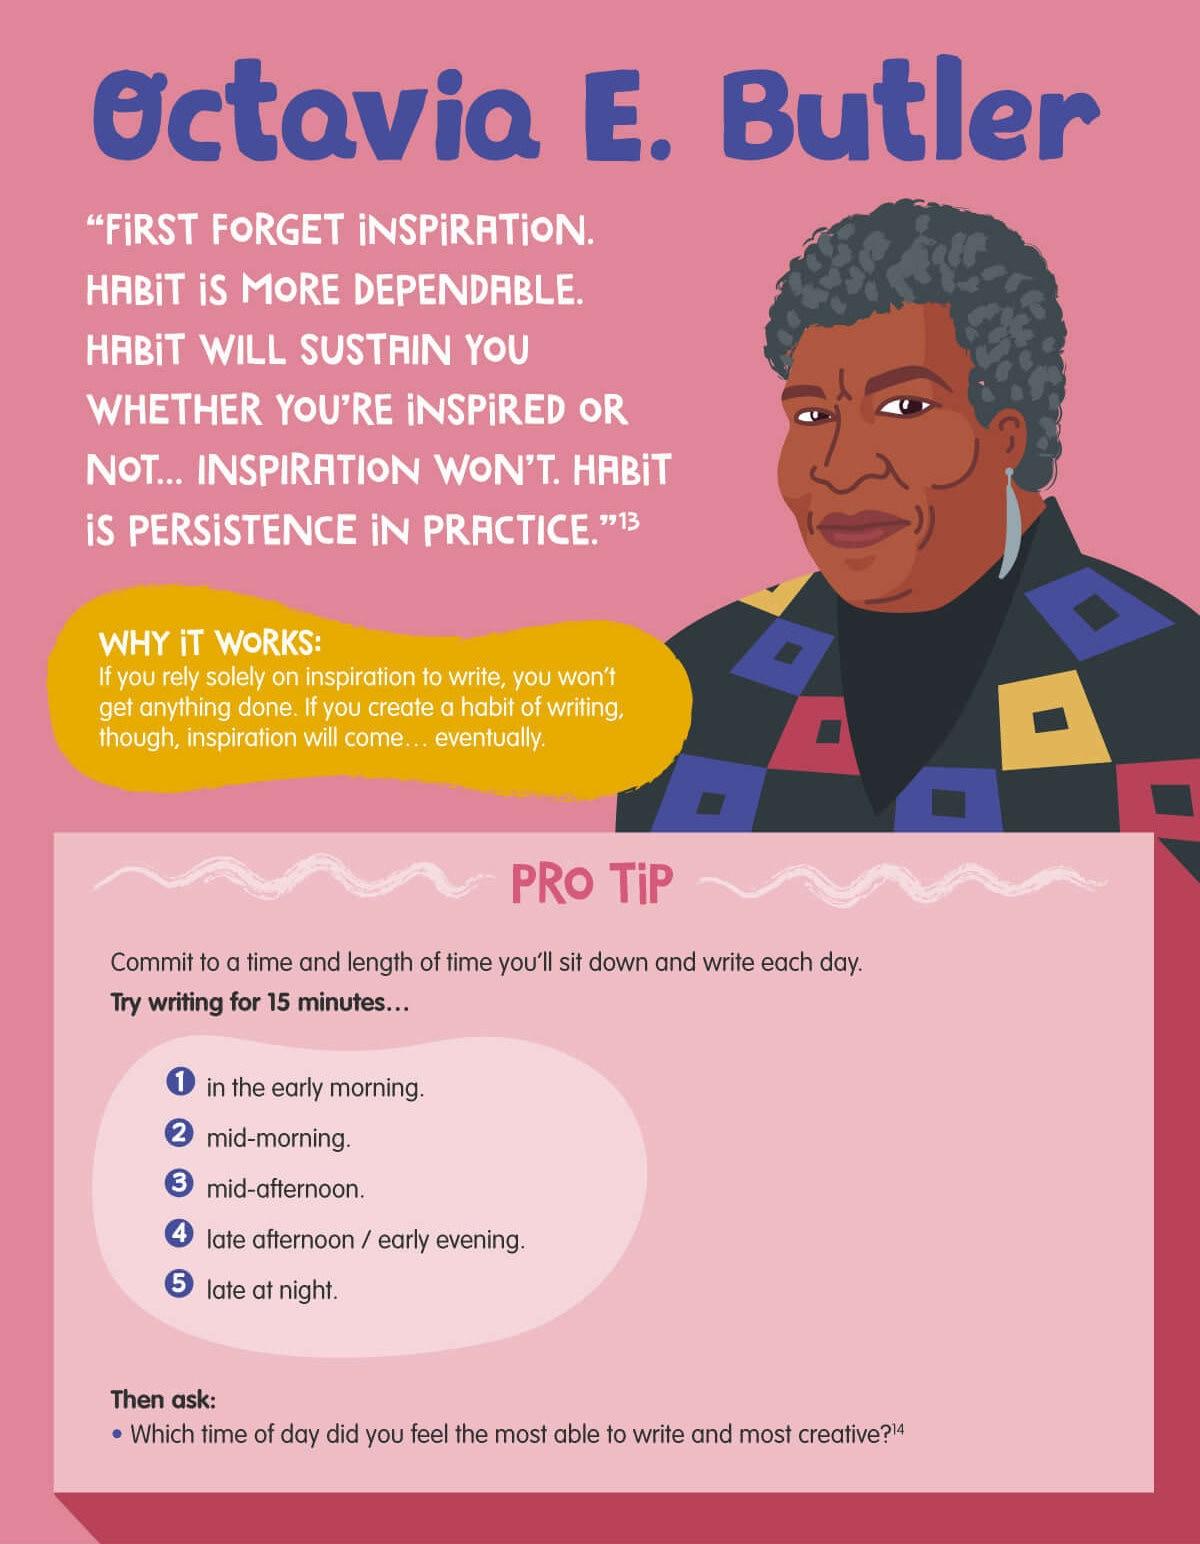 Octavia E. Butler best writing tips